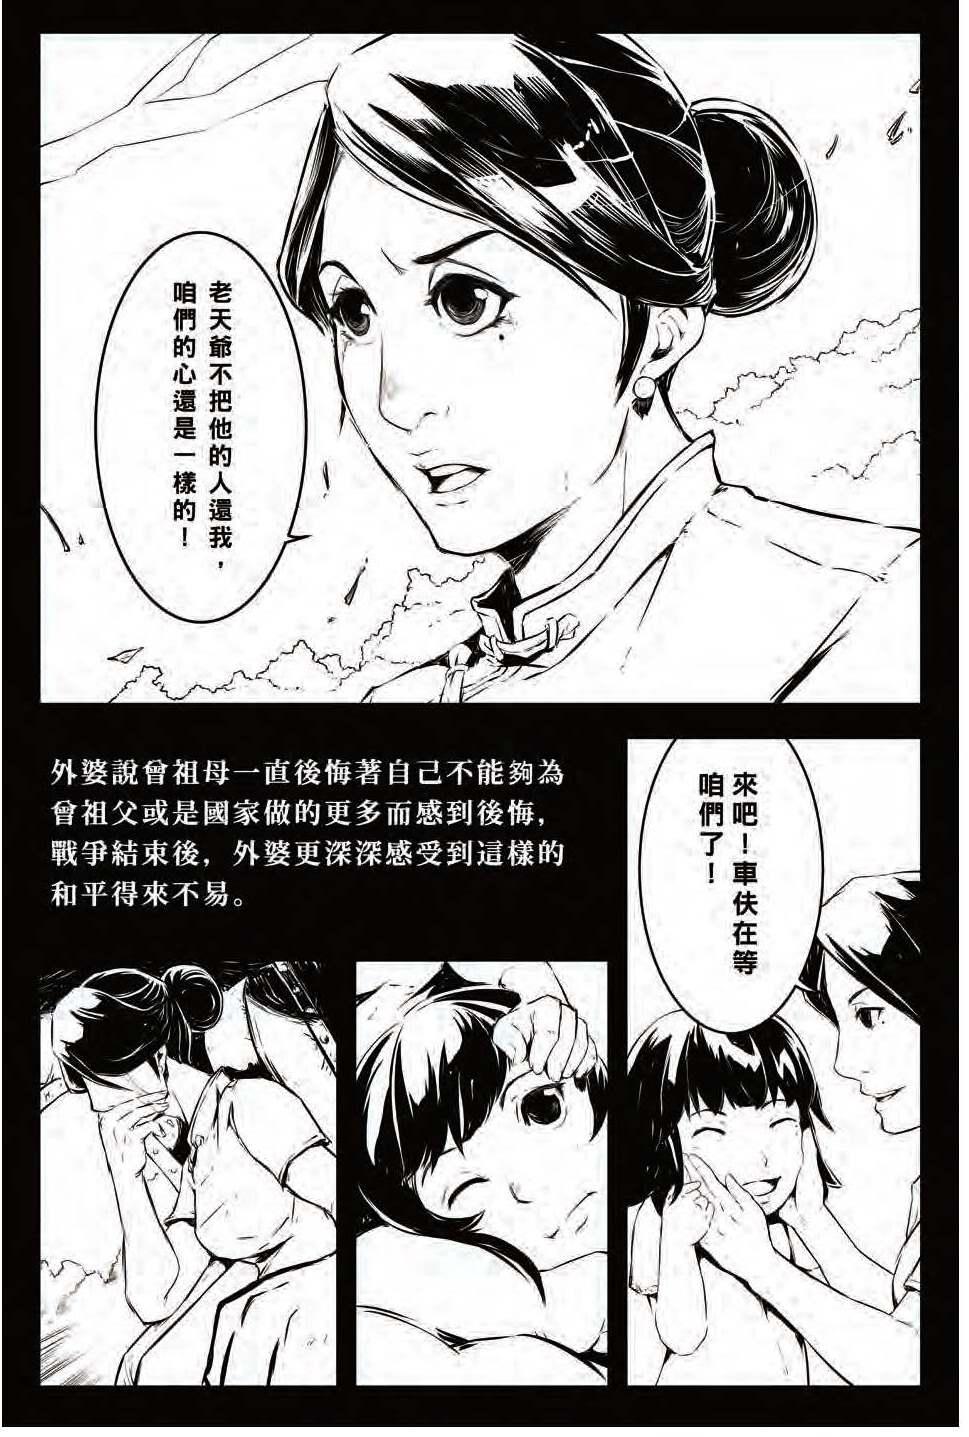 51屆漫畫項國軍組優選_那些留下來的故事09.jpg